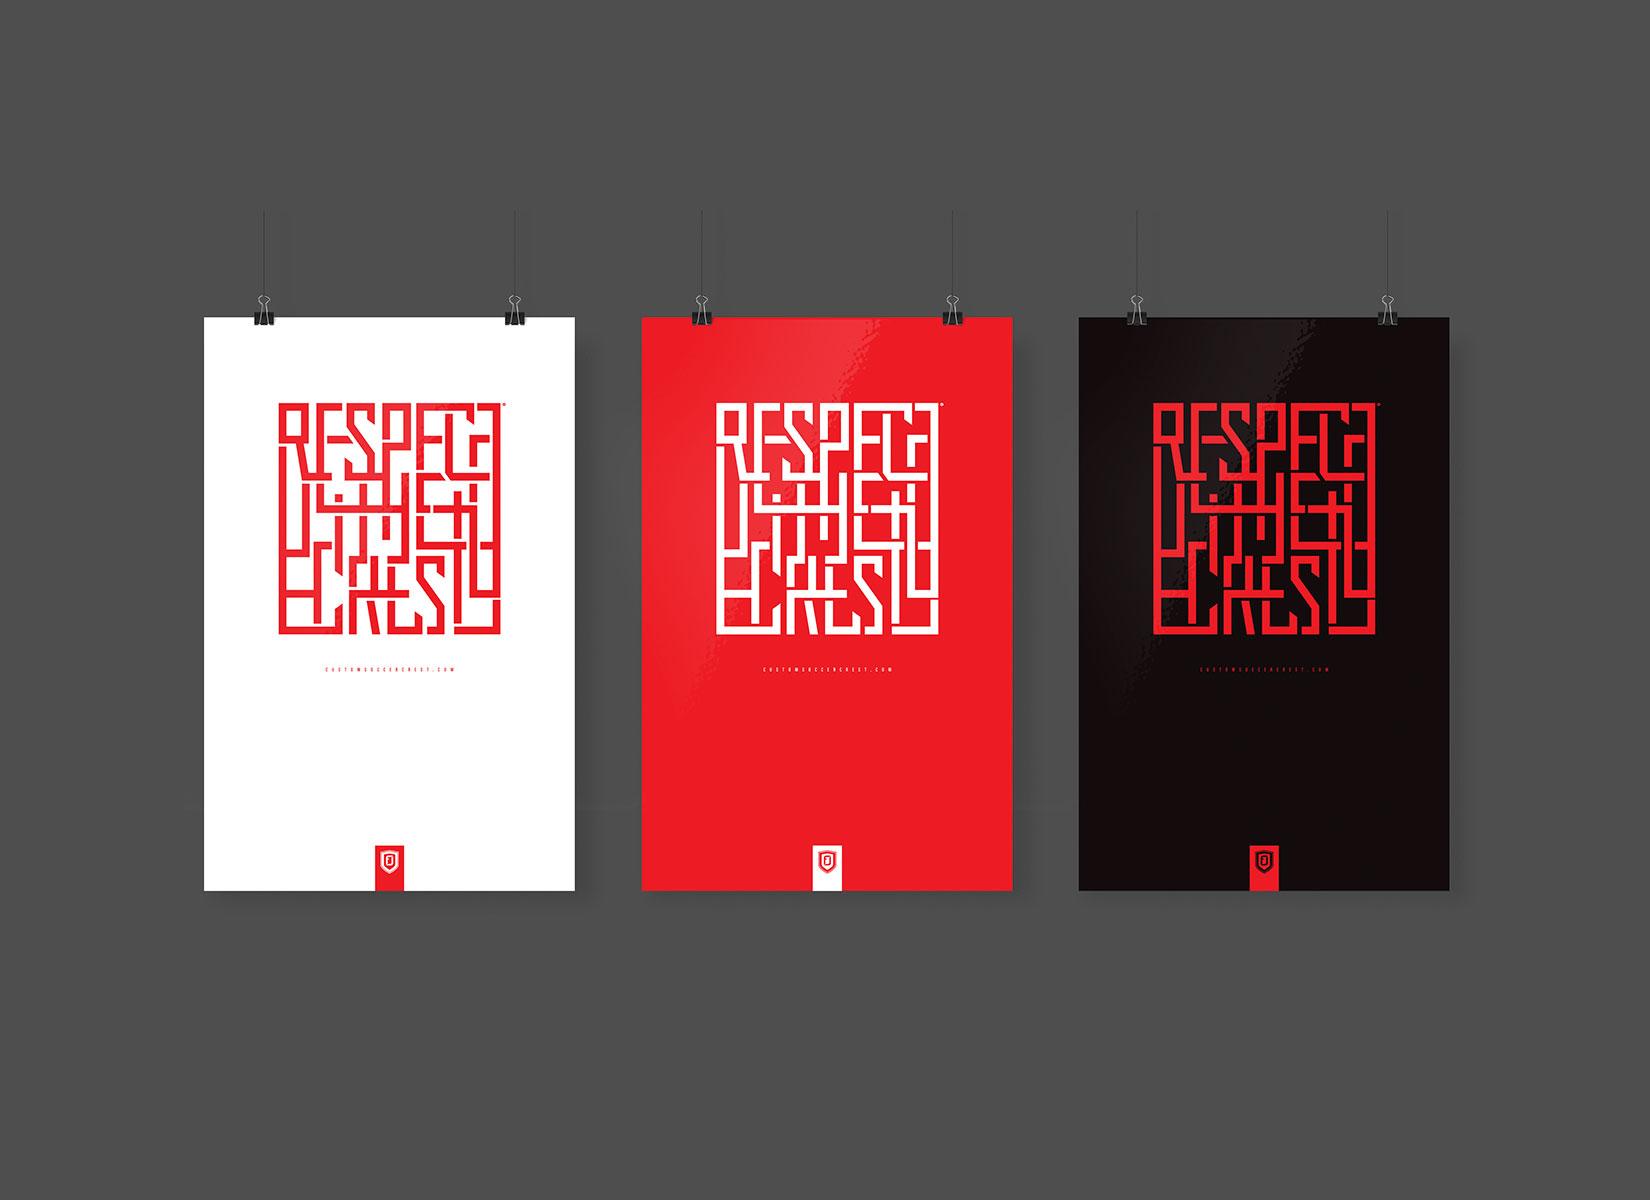 jordan-fretz-design-respect-the-crest-soccer-crest-posters.jpg